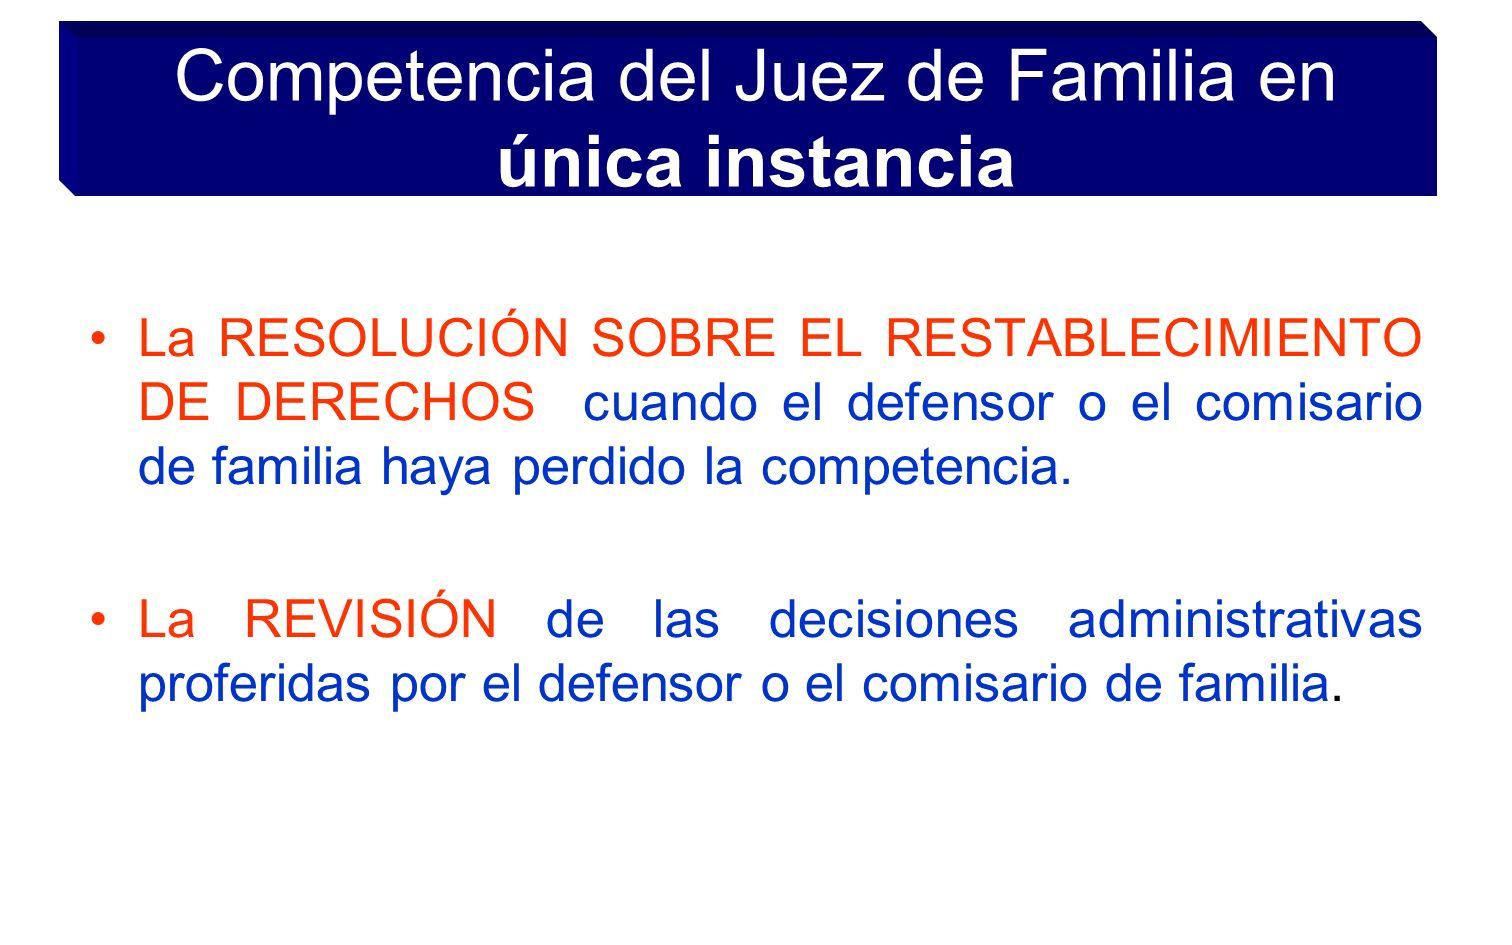 Competencia del Juez de Familia en única instancia